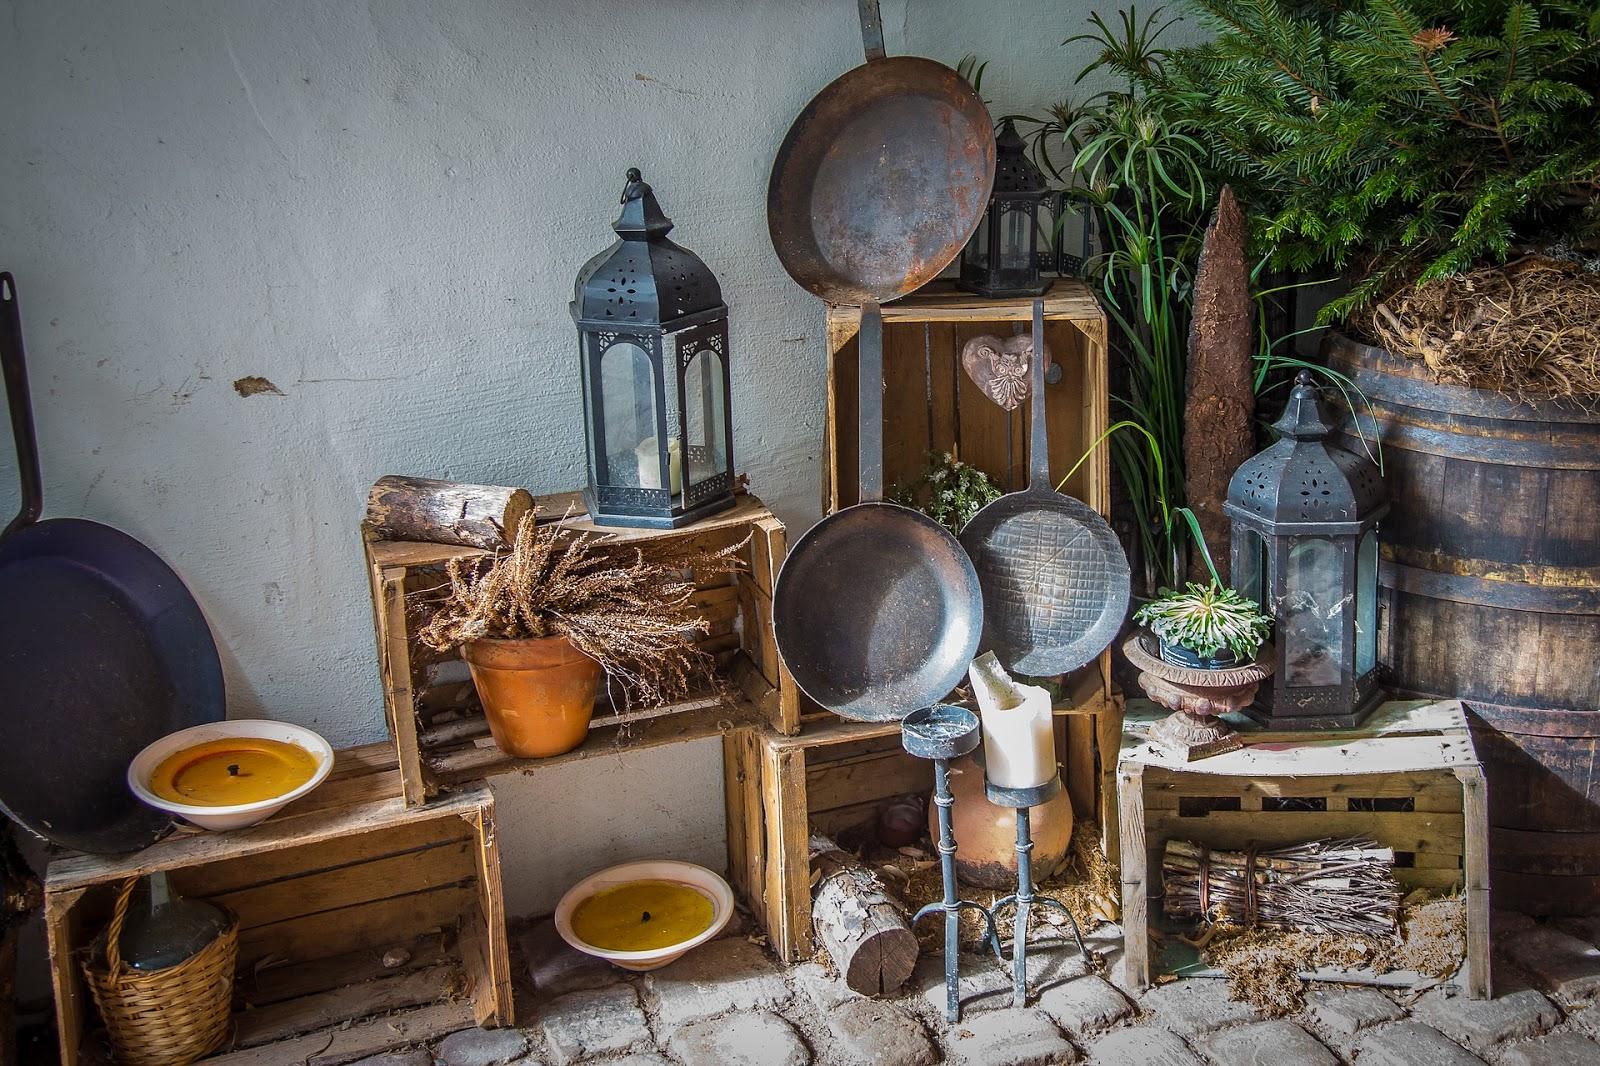 imagem mostrando uma sala cheia de panelas de ferro, rústico, de madeira